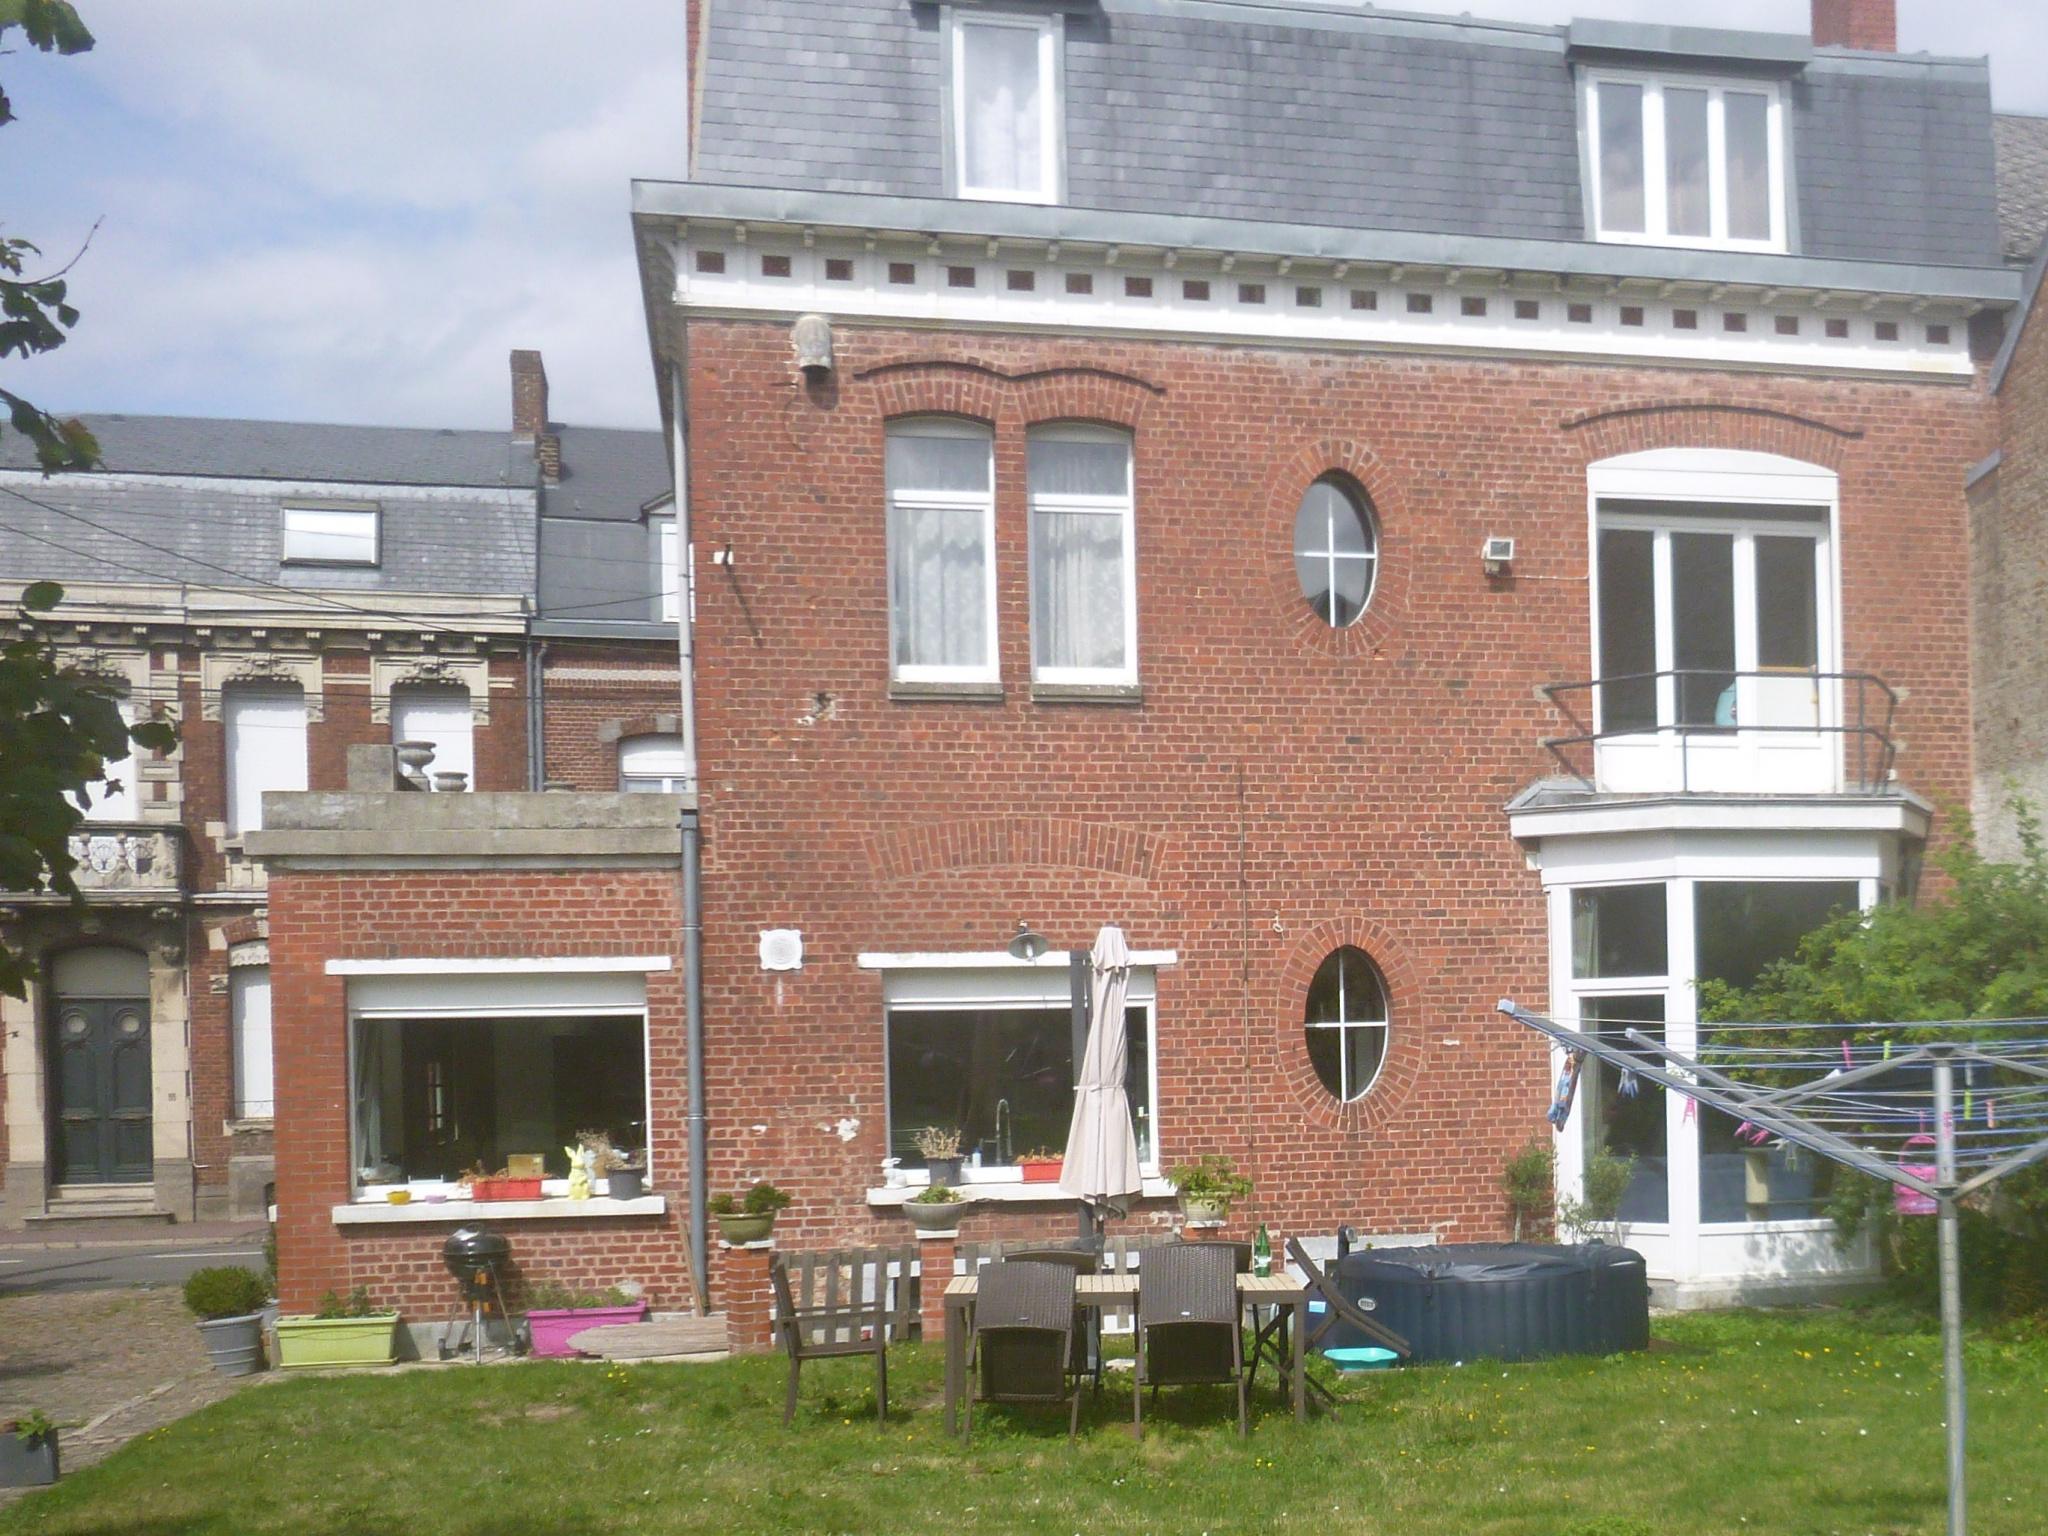 Maison bourgeoise  axe Cambrai Valenciennes  281000€ CAILLIER Annie  Tél  0683162981